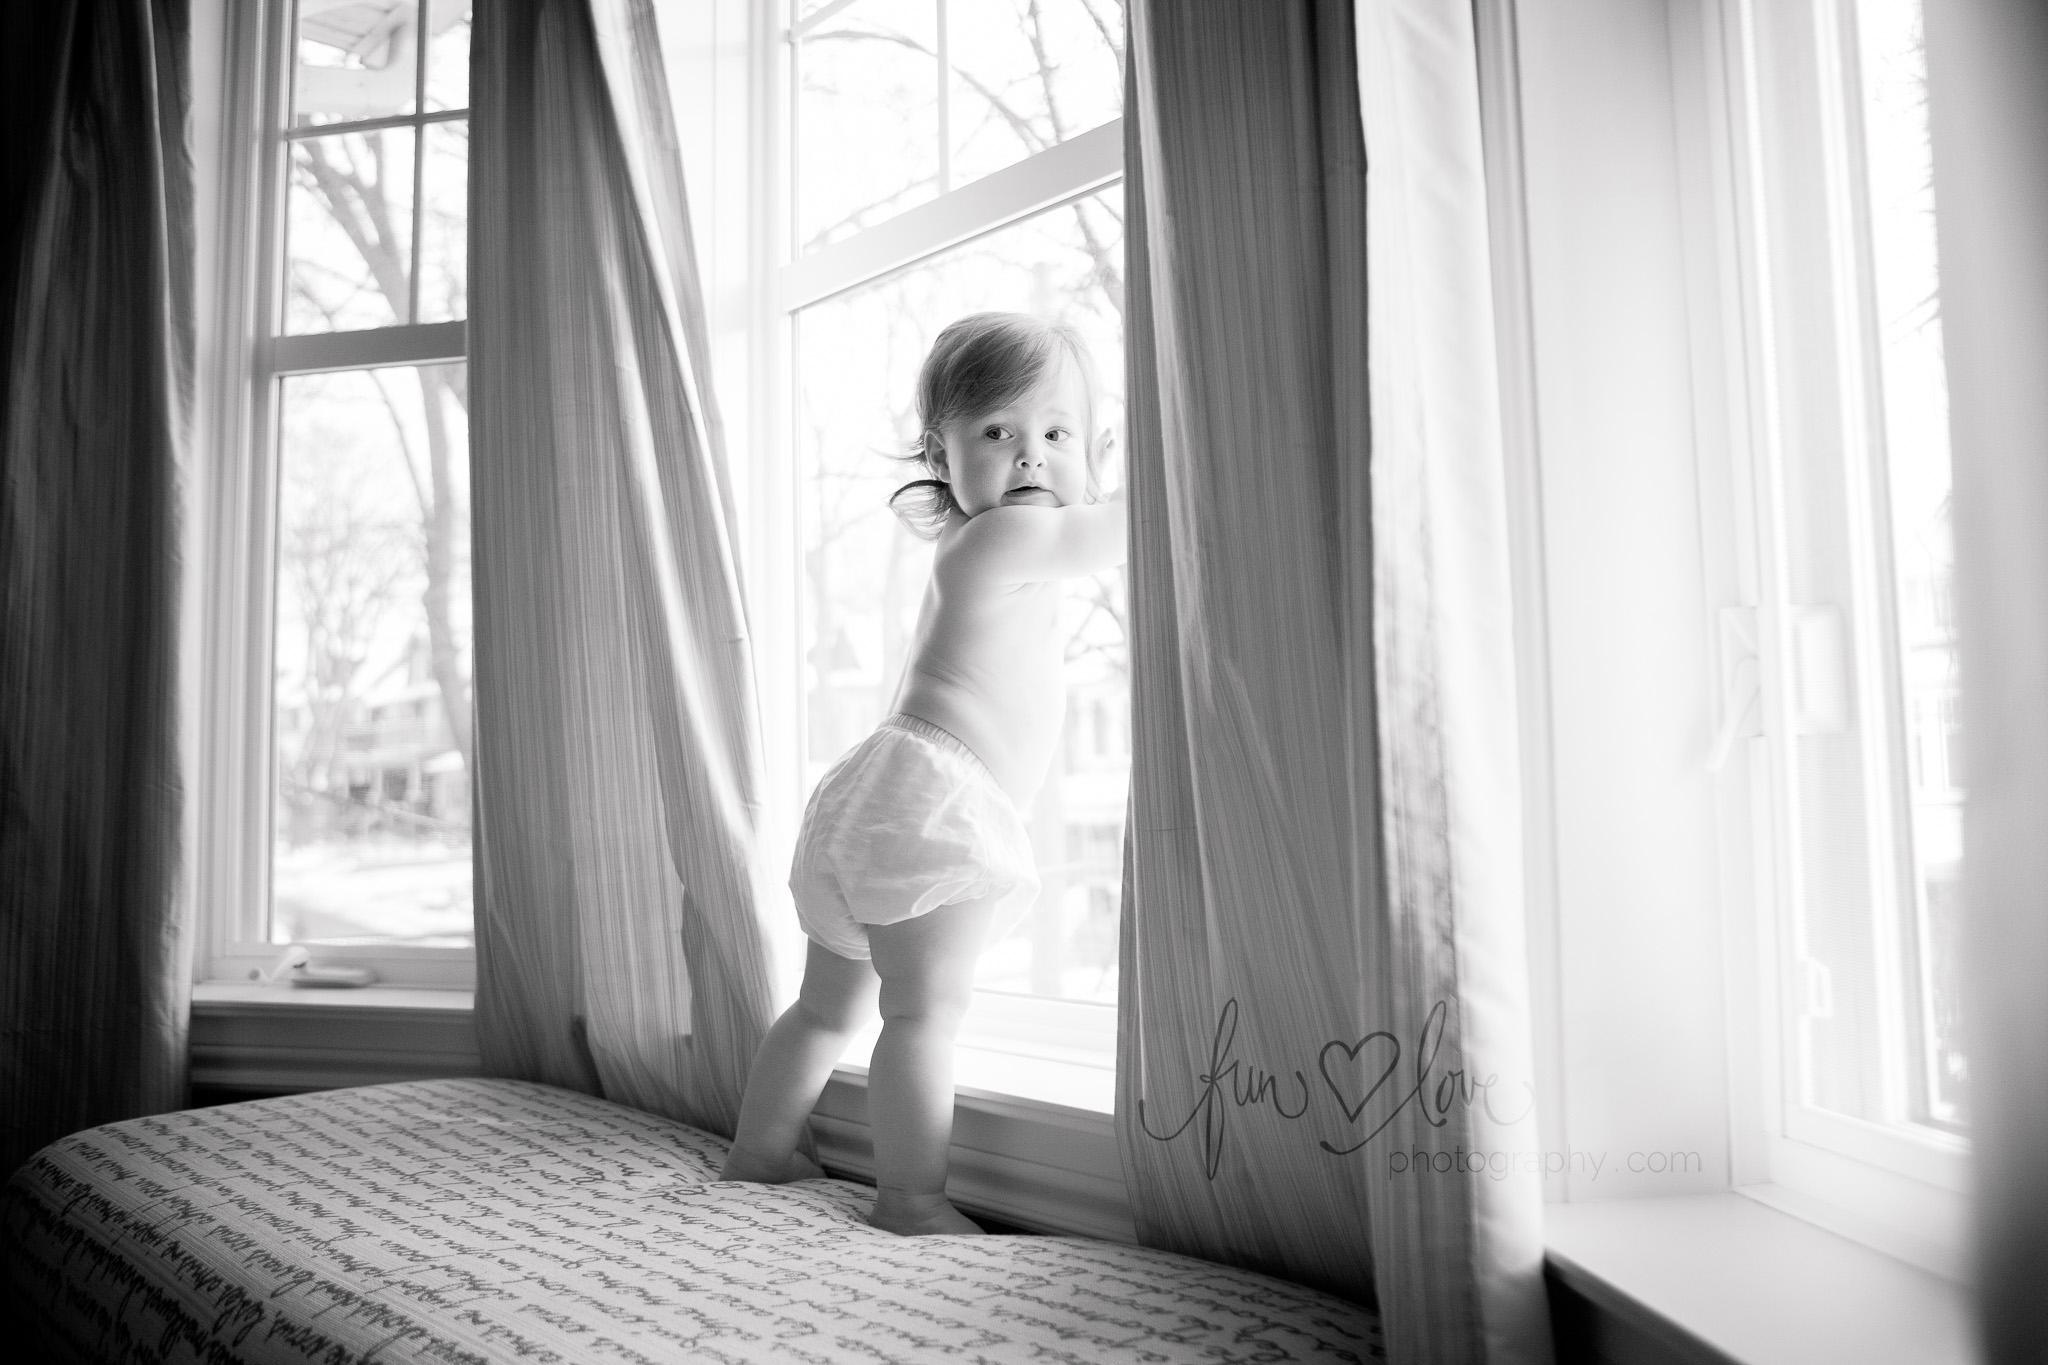 cute baby by window lots of light